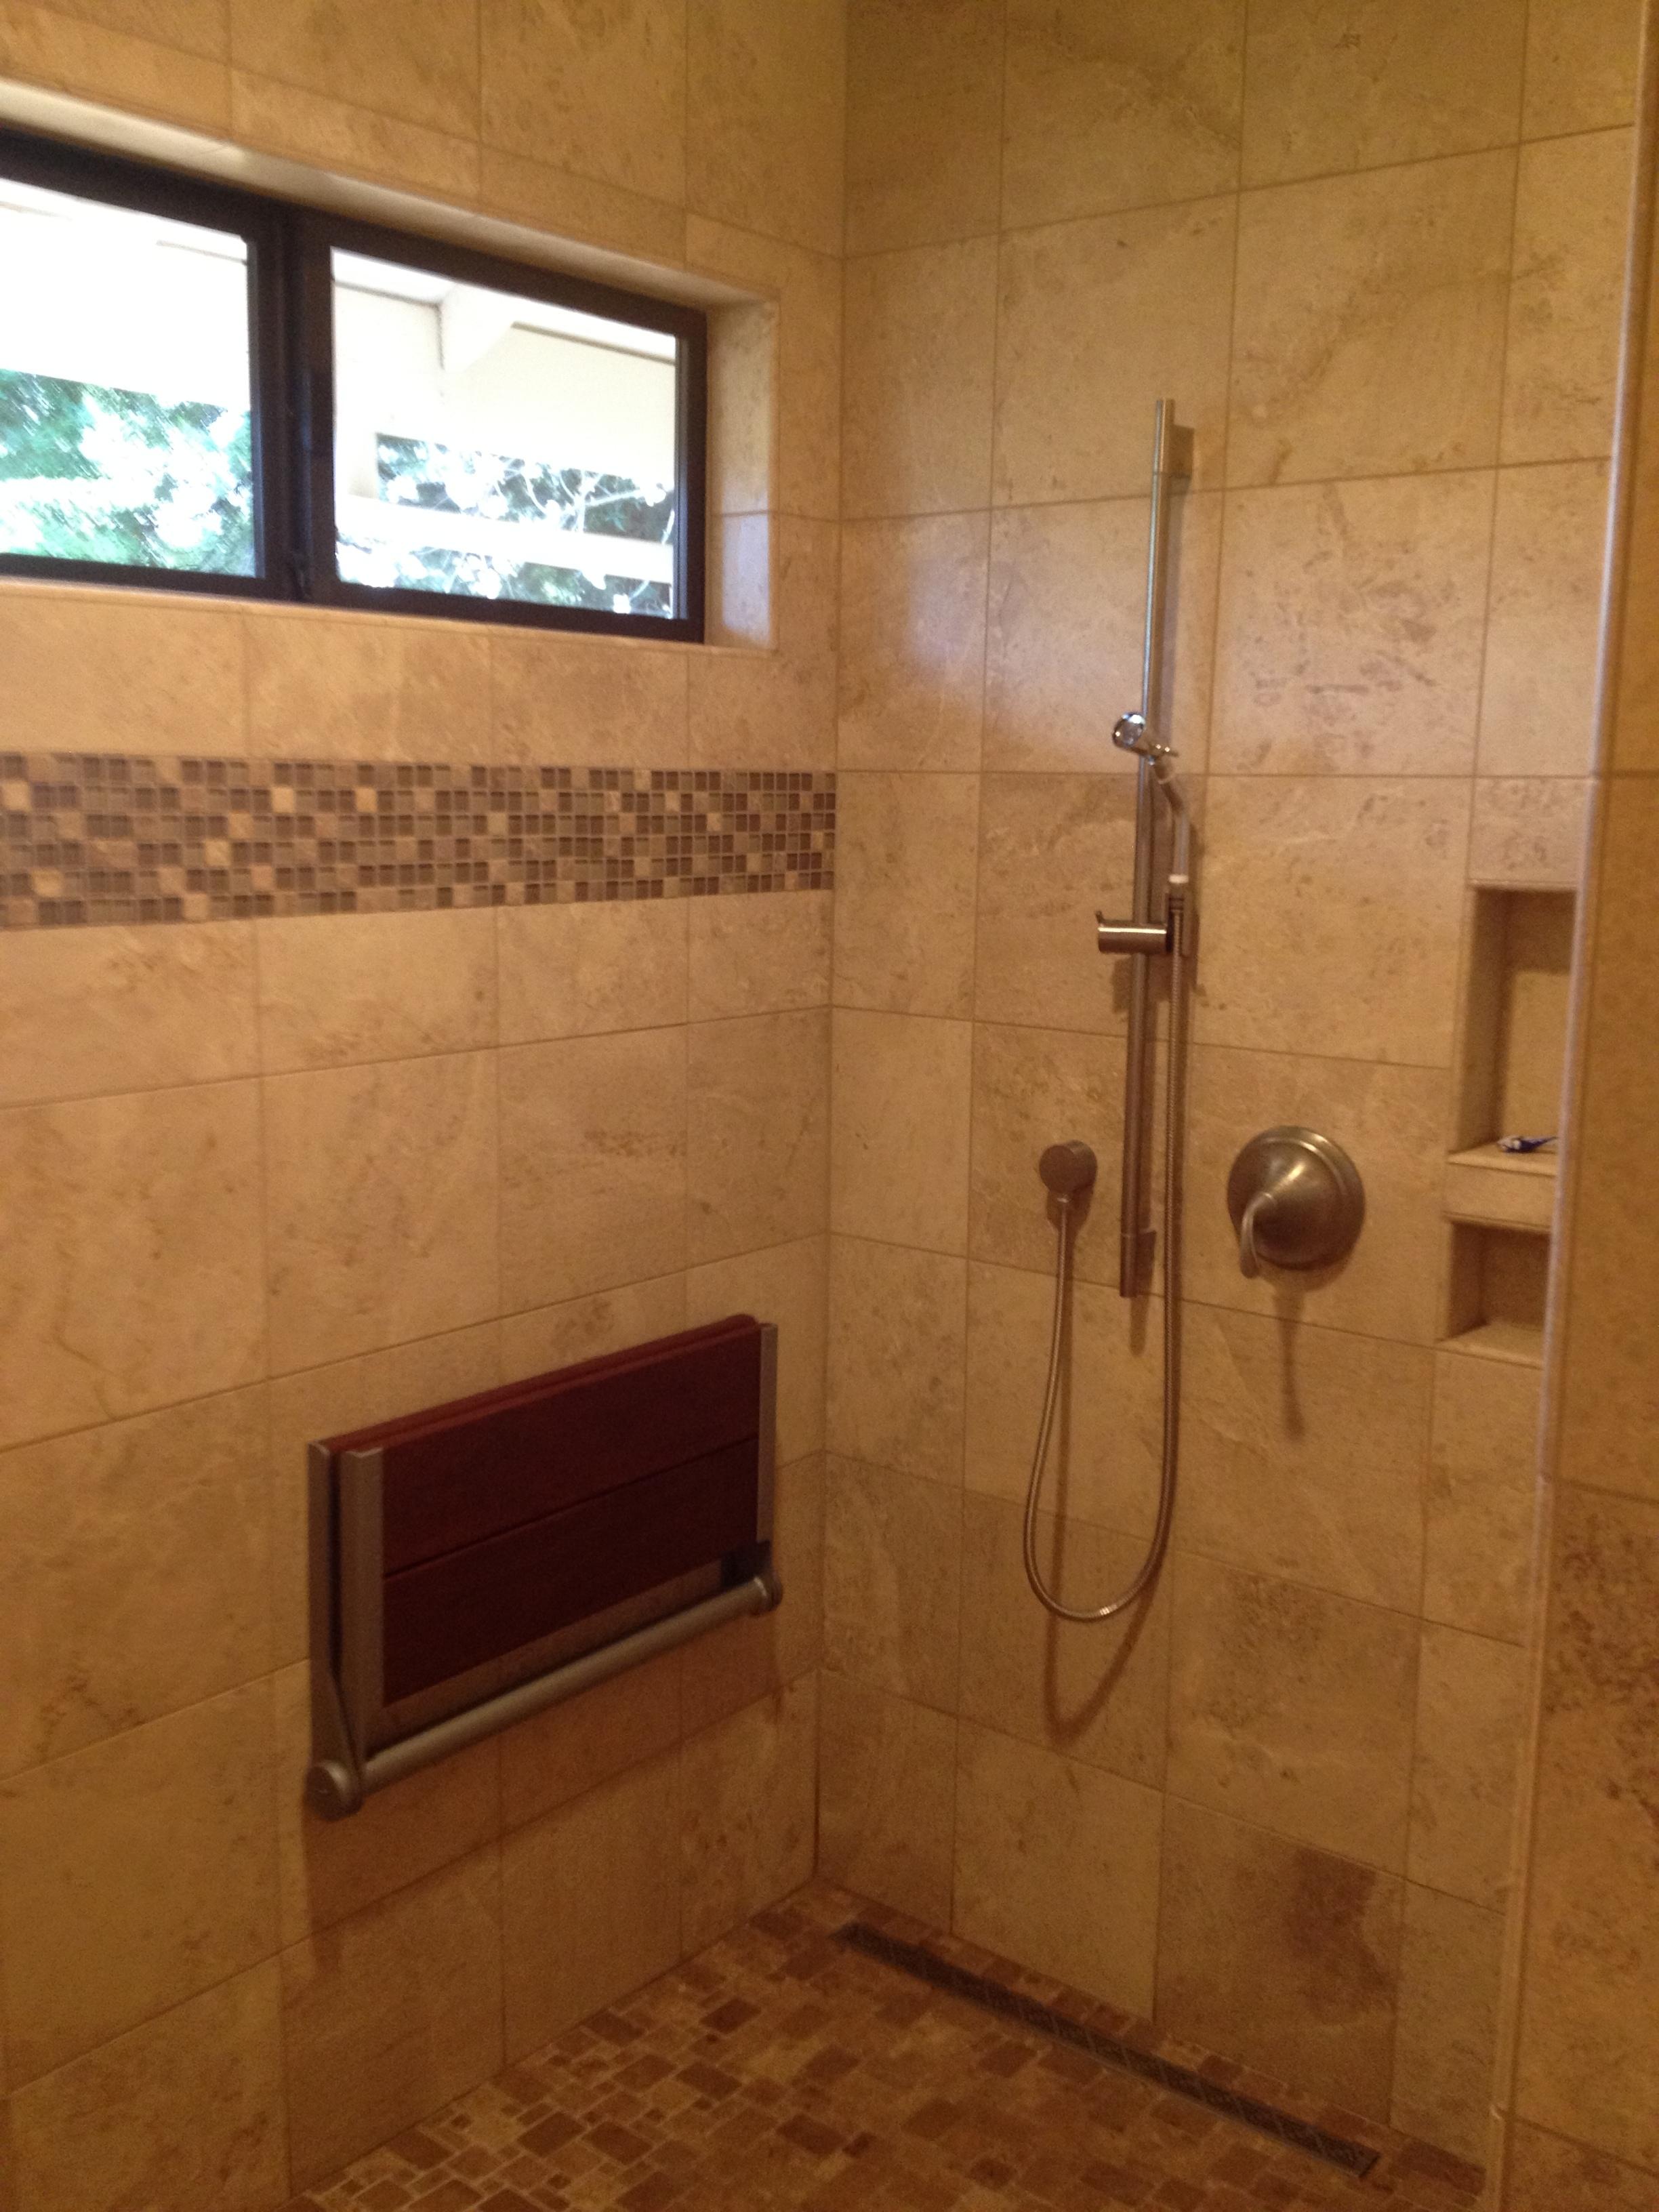 Bath Remodel - Fold Down Seat